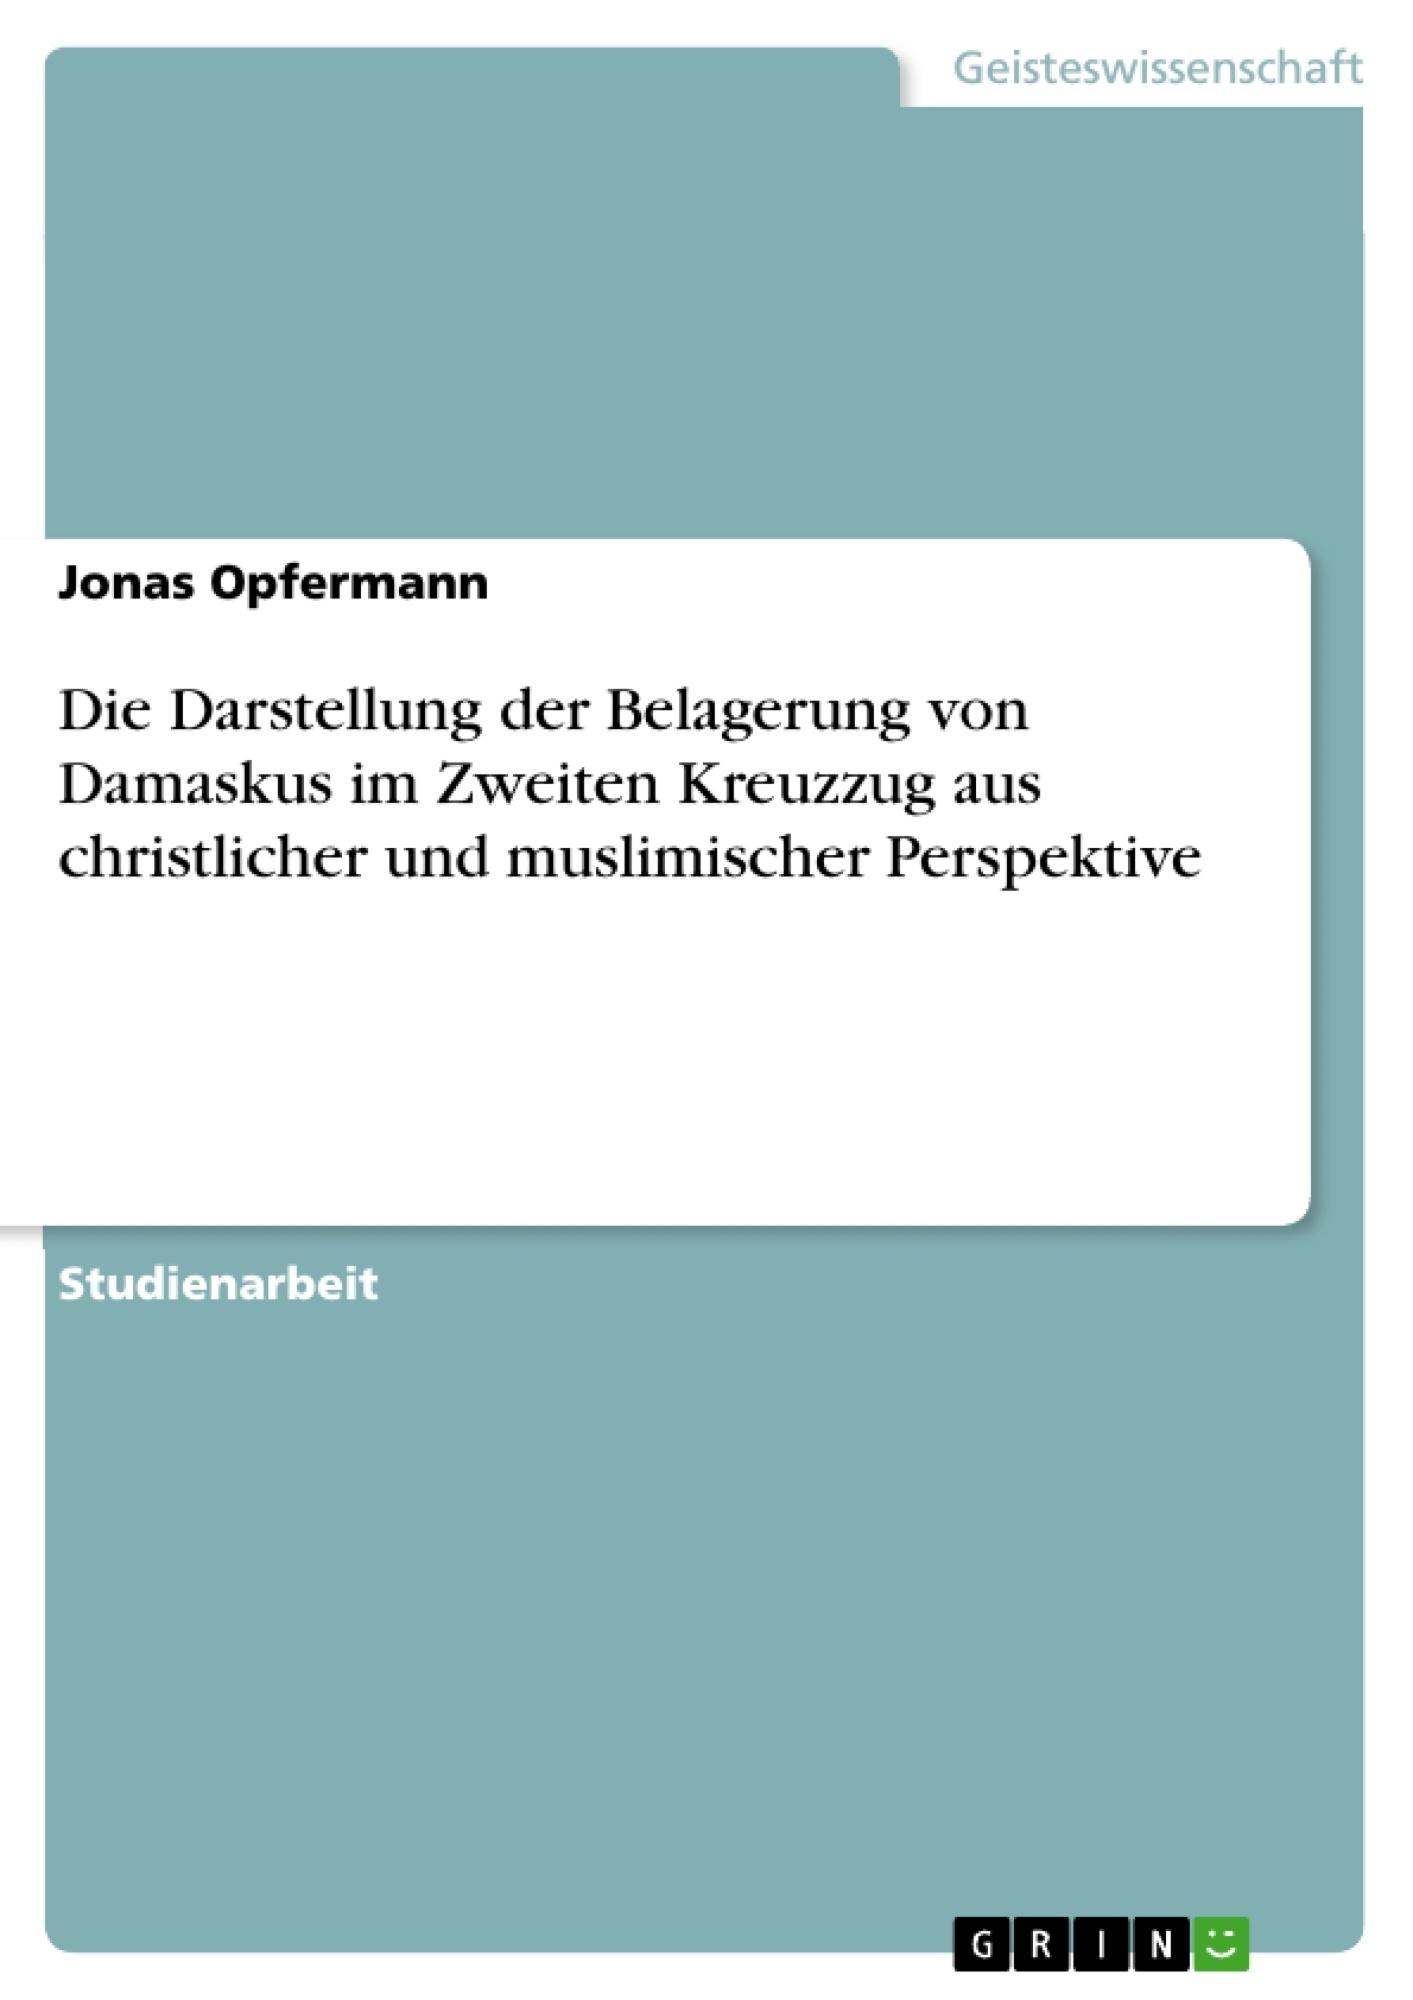 Titel: Die Darstellung der Belagerung von Damaskus im Zweiten Kreuzzug aus christlicher und muslimischer Perspektive